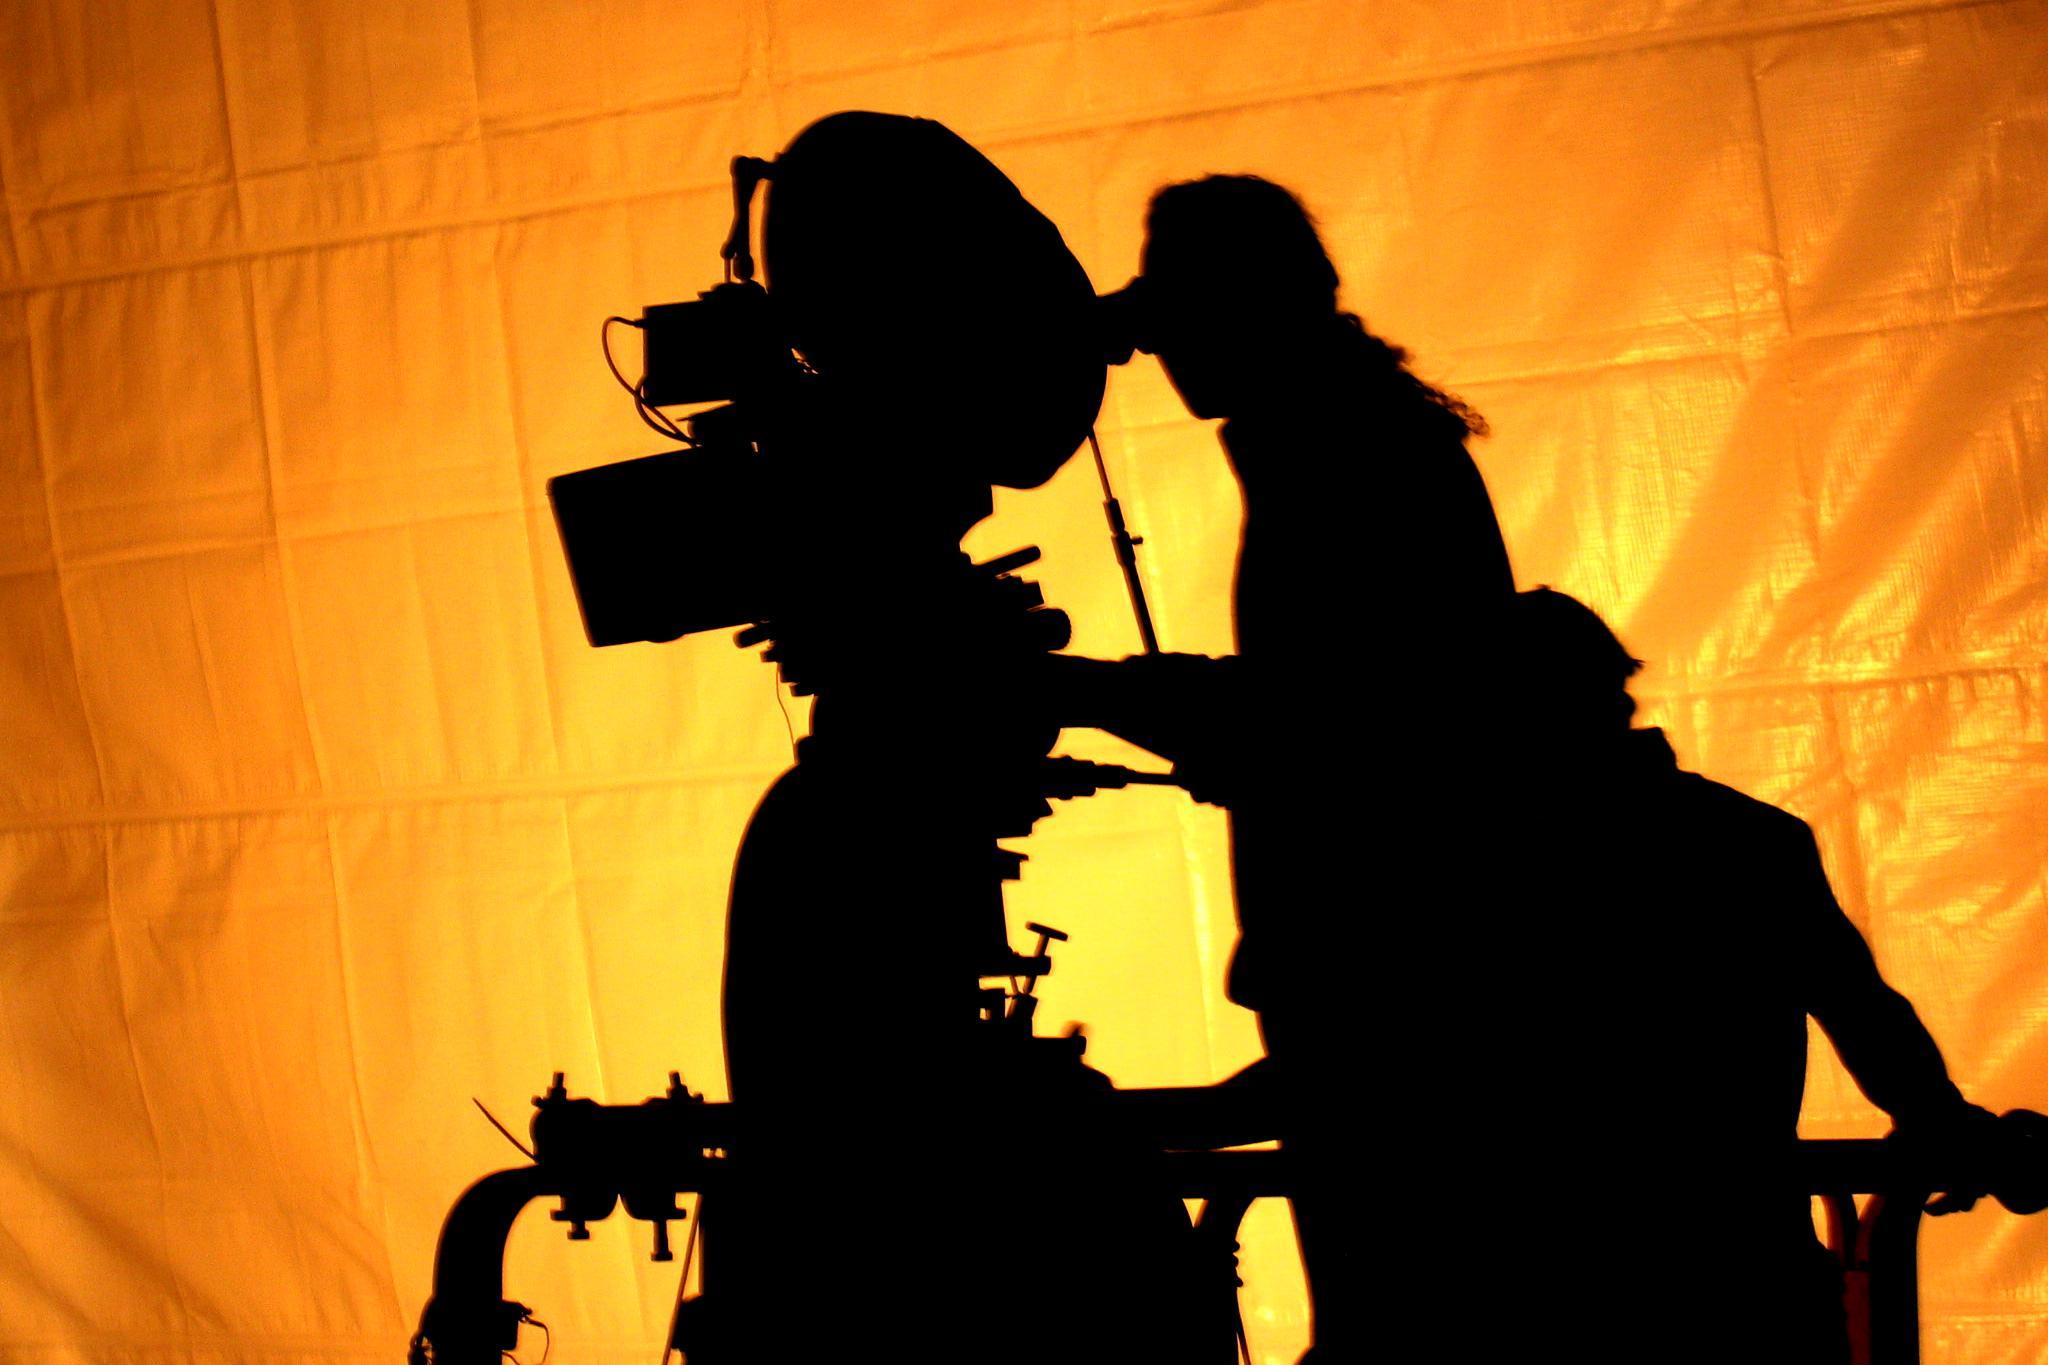 Piața internațională a filmului, câștiguri record în valoare de 100 de miliarde de dolari!